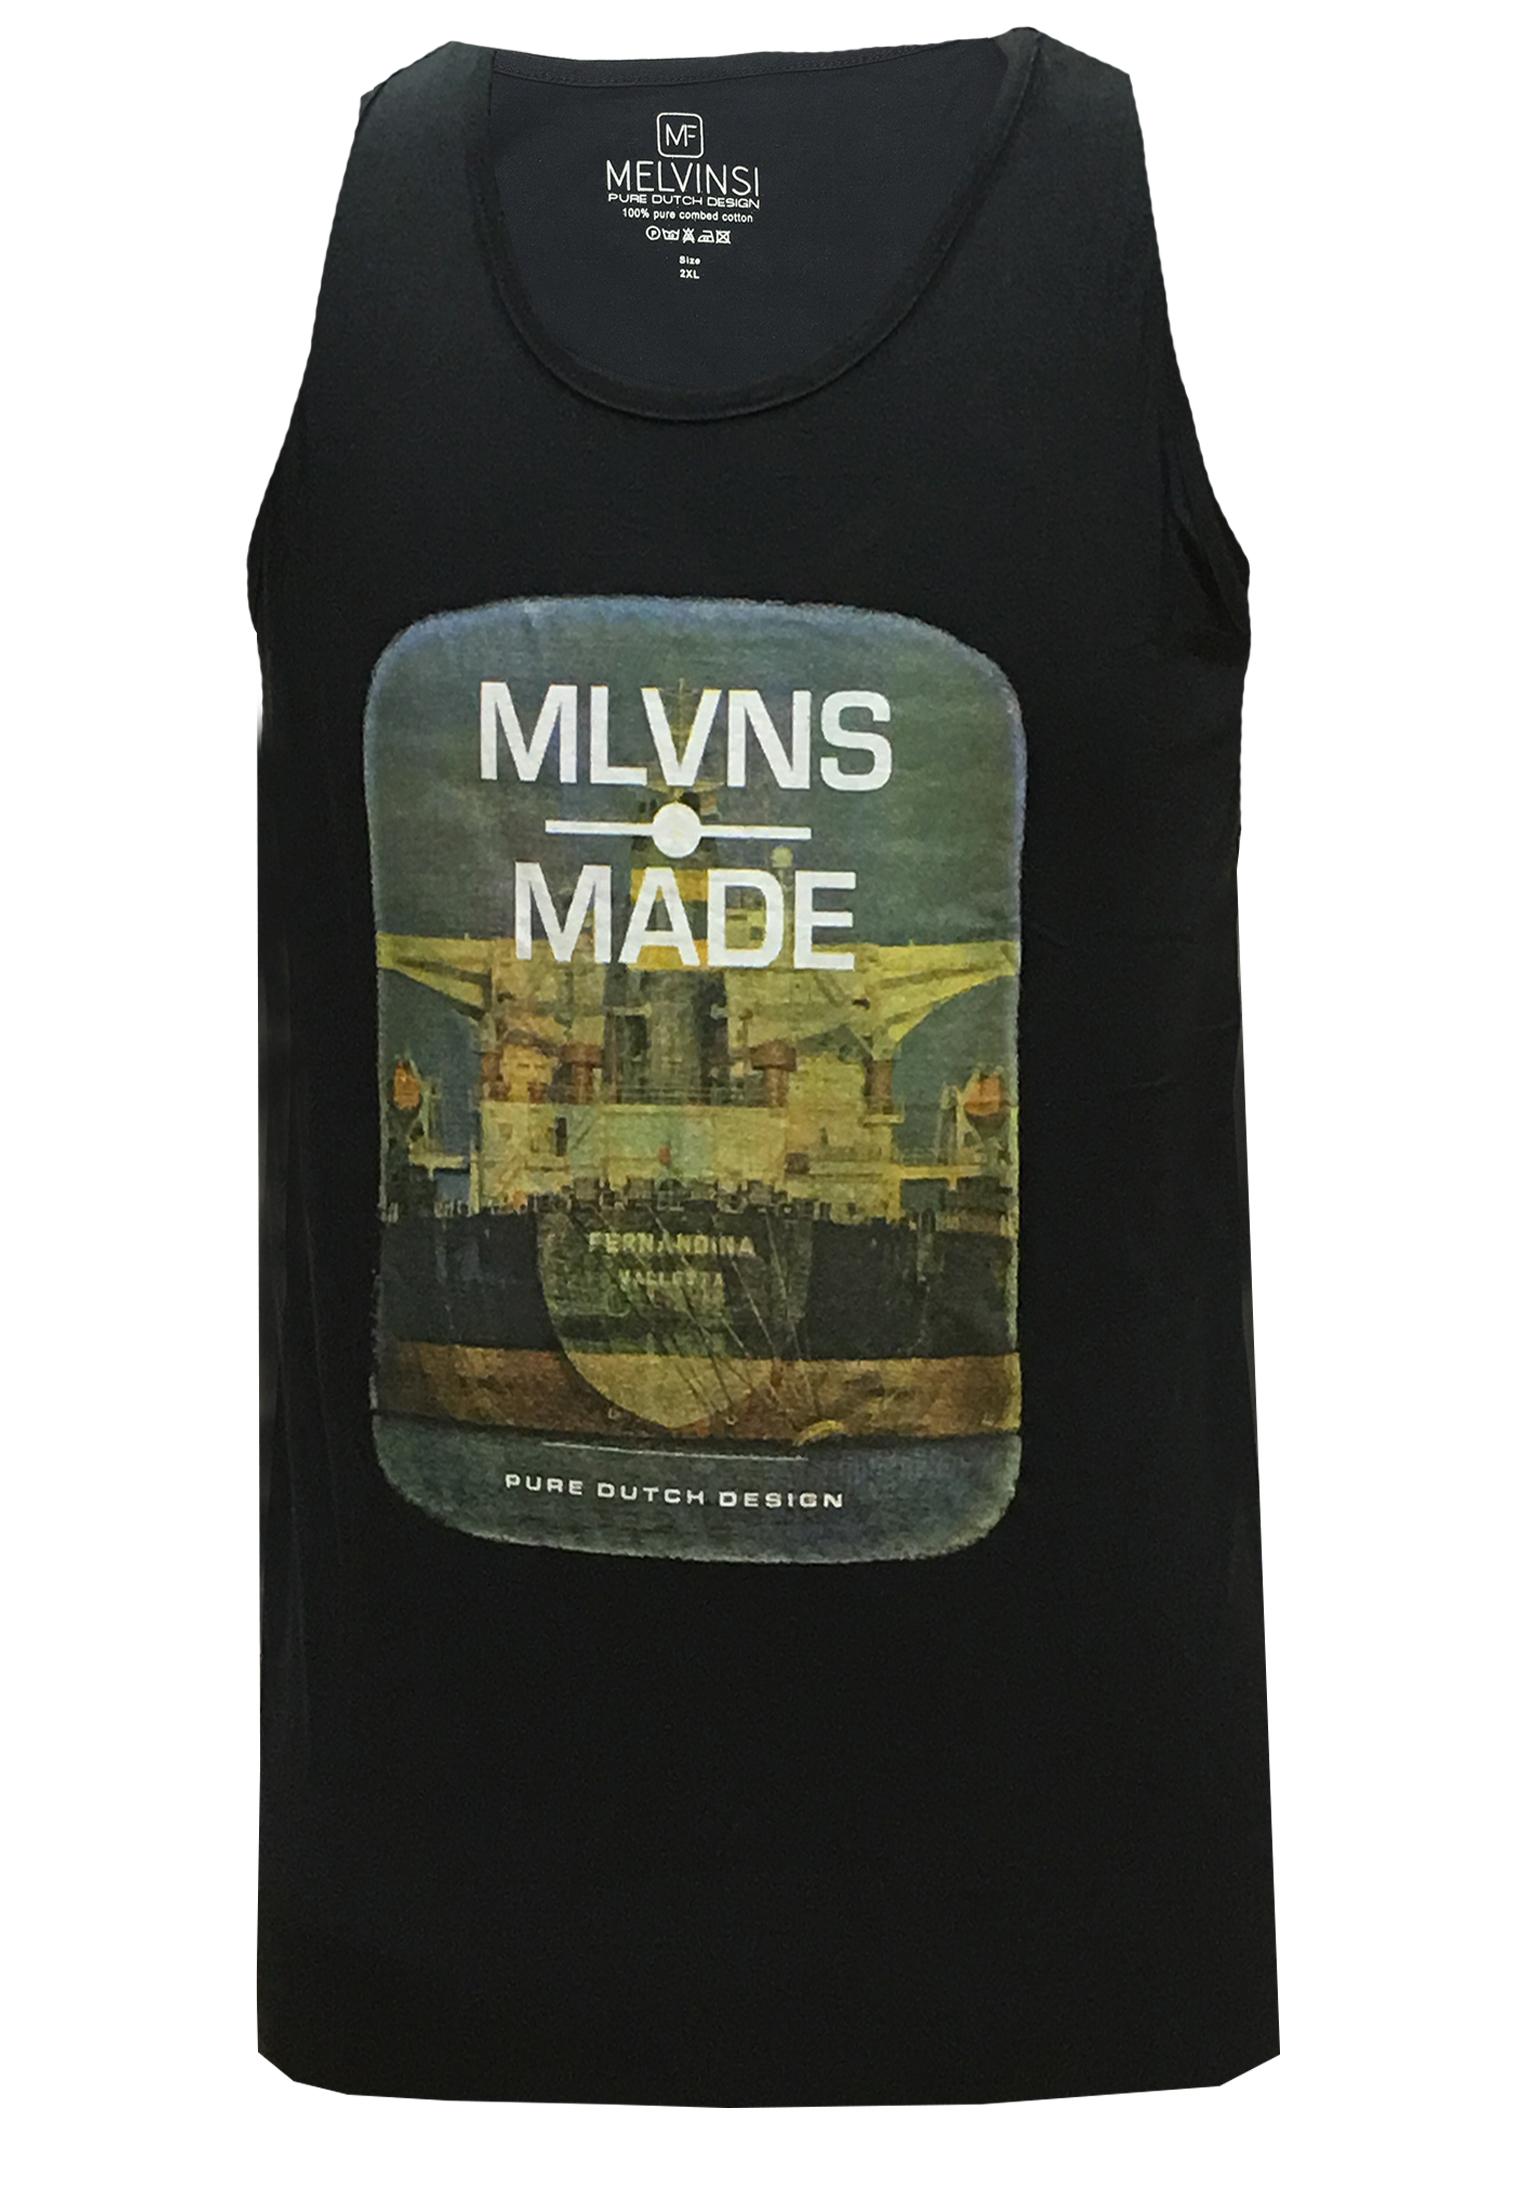 Zwarte tanktop van Melvinsi met mooie print en ronde hals. Zeer multifunctionele tanktop om te dragen, staat leuk op een spijkerbroek of op een joggingbroek als loungewear. Ideaal op de warme dagen of als het iets minder warm is onder een vest.